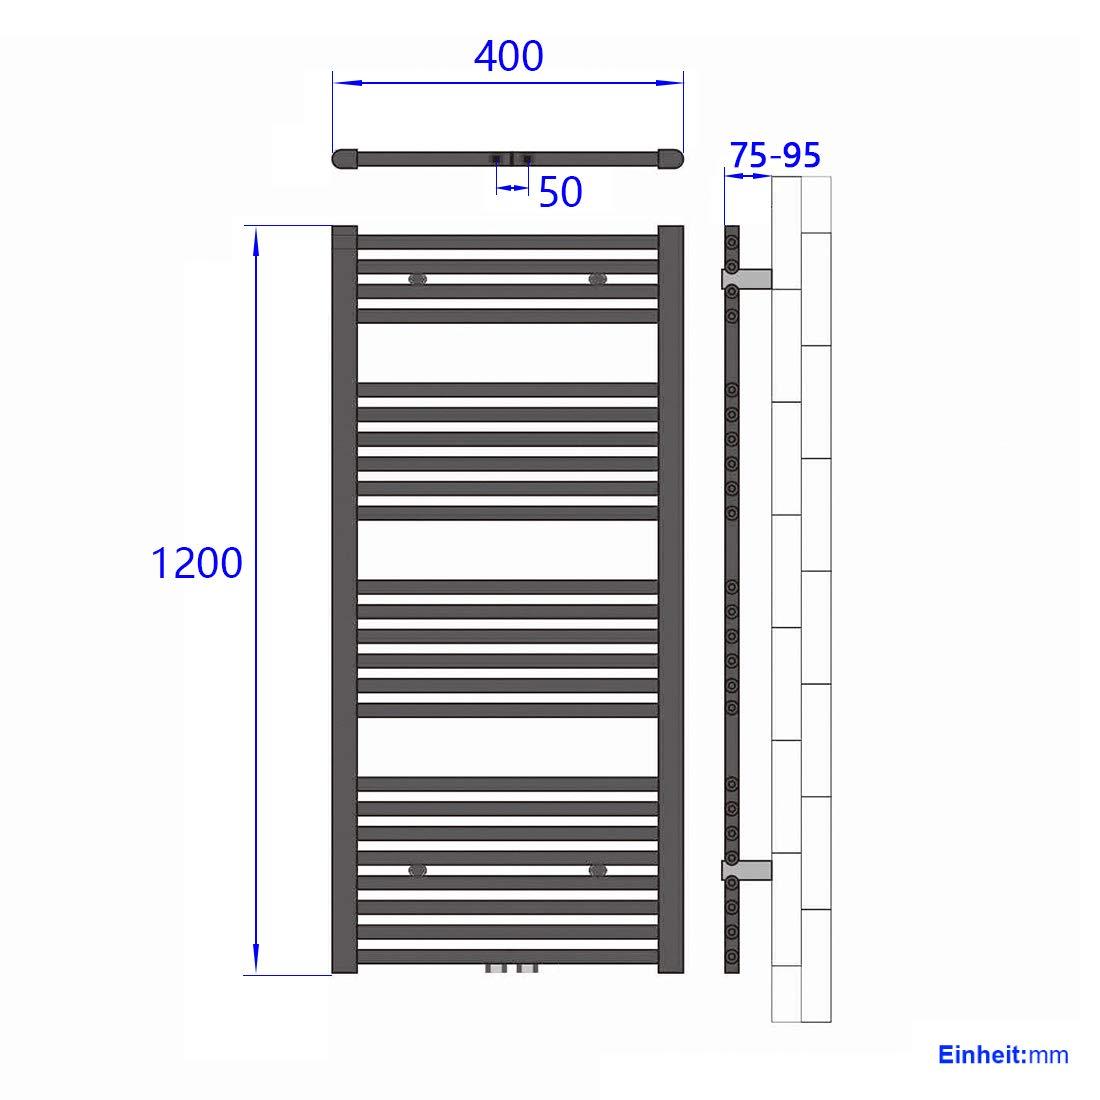 WELMAX Badheizk/örper Wei/ß Handtuchtrockner Heizung 1800 x 600 mm Bad Heizk/örper Handtuchheizk/örper Mittelanschluss Handtuchw/ärmer